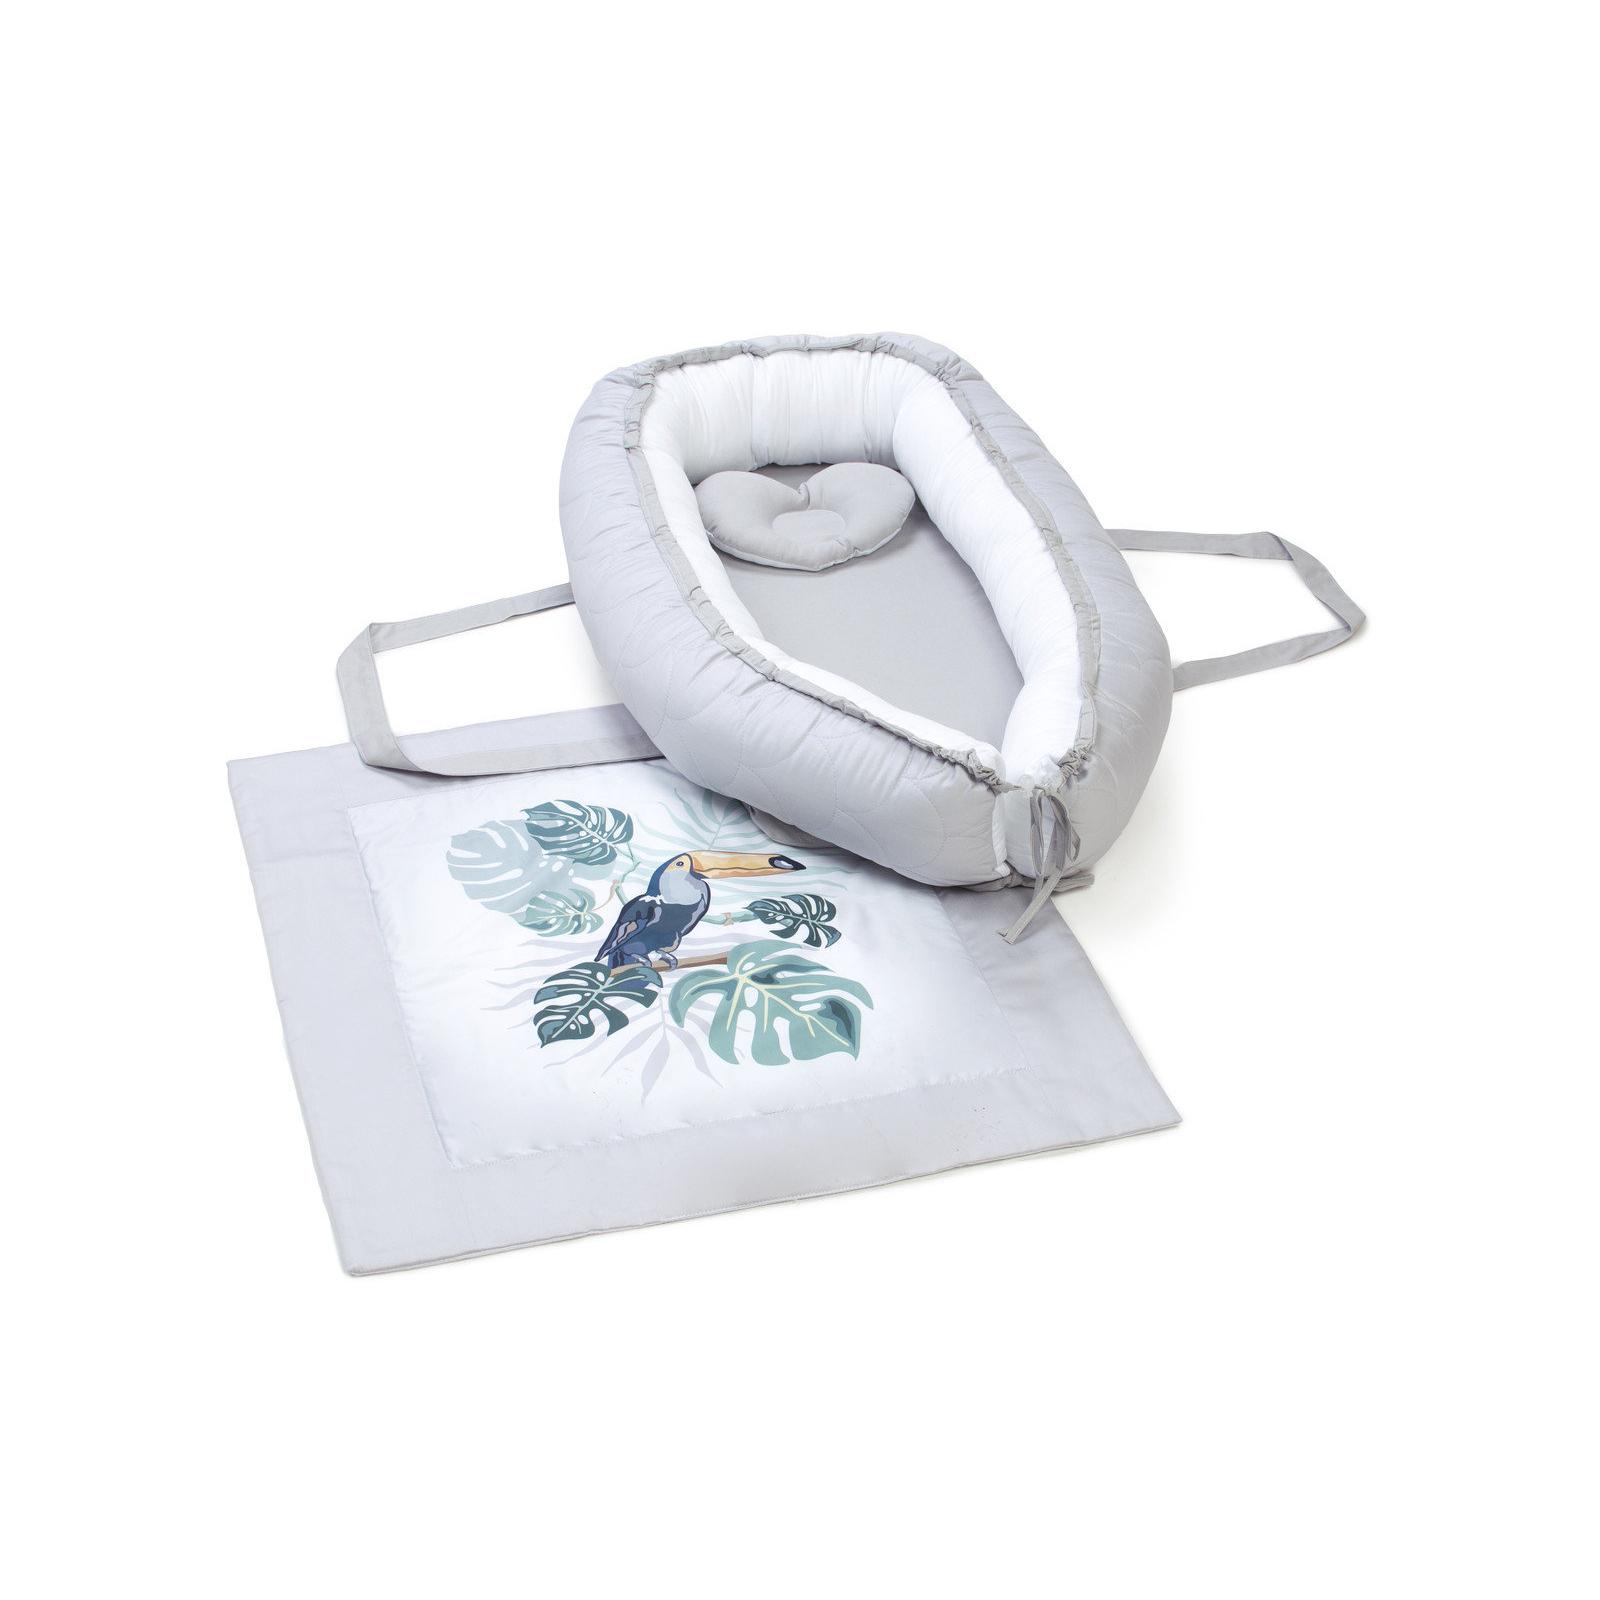 Пеленальный матрасик Верес Кокон-переноска с пледом Tropic baby (450.08)